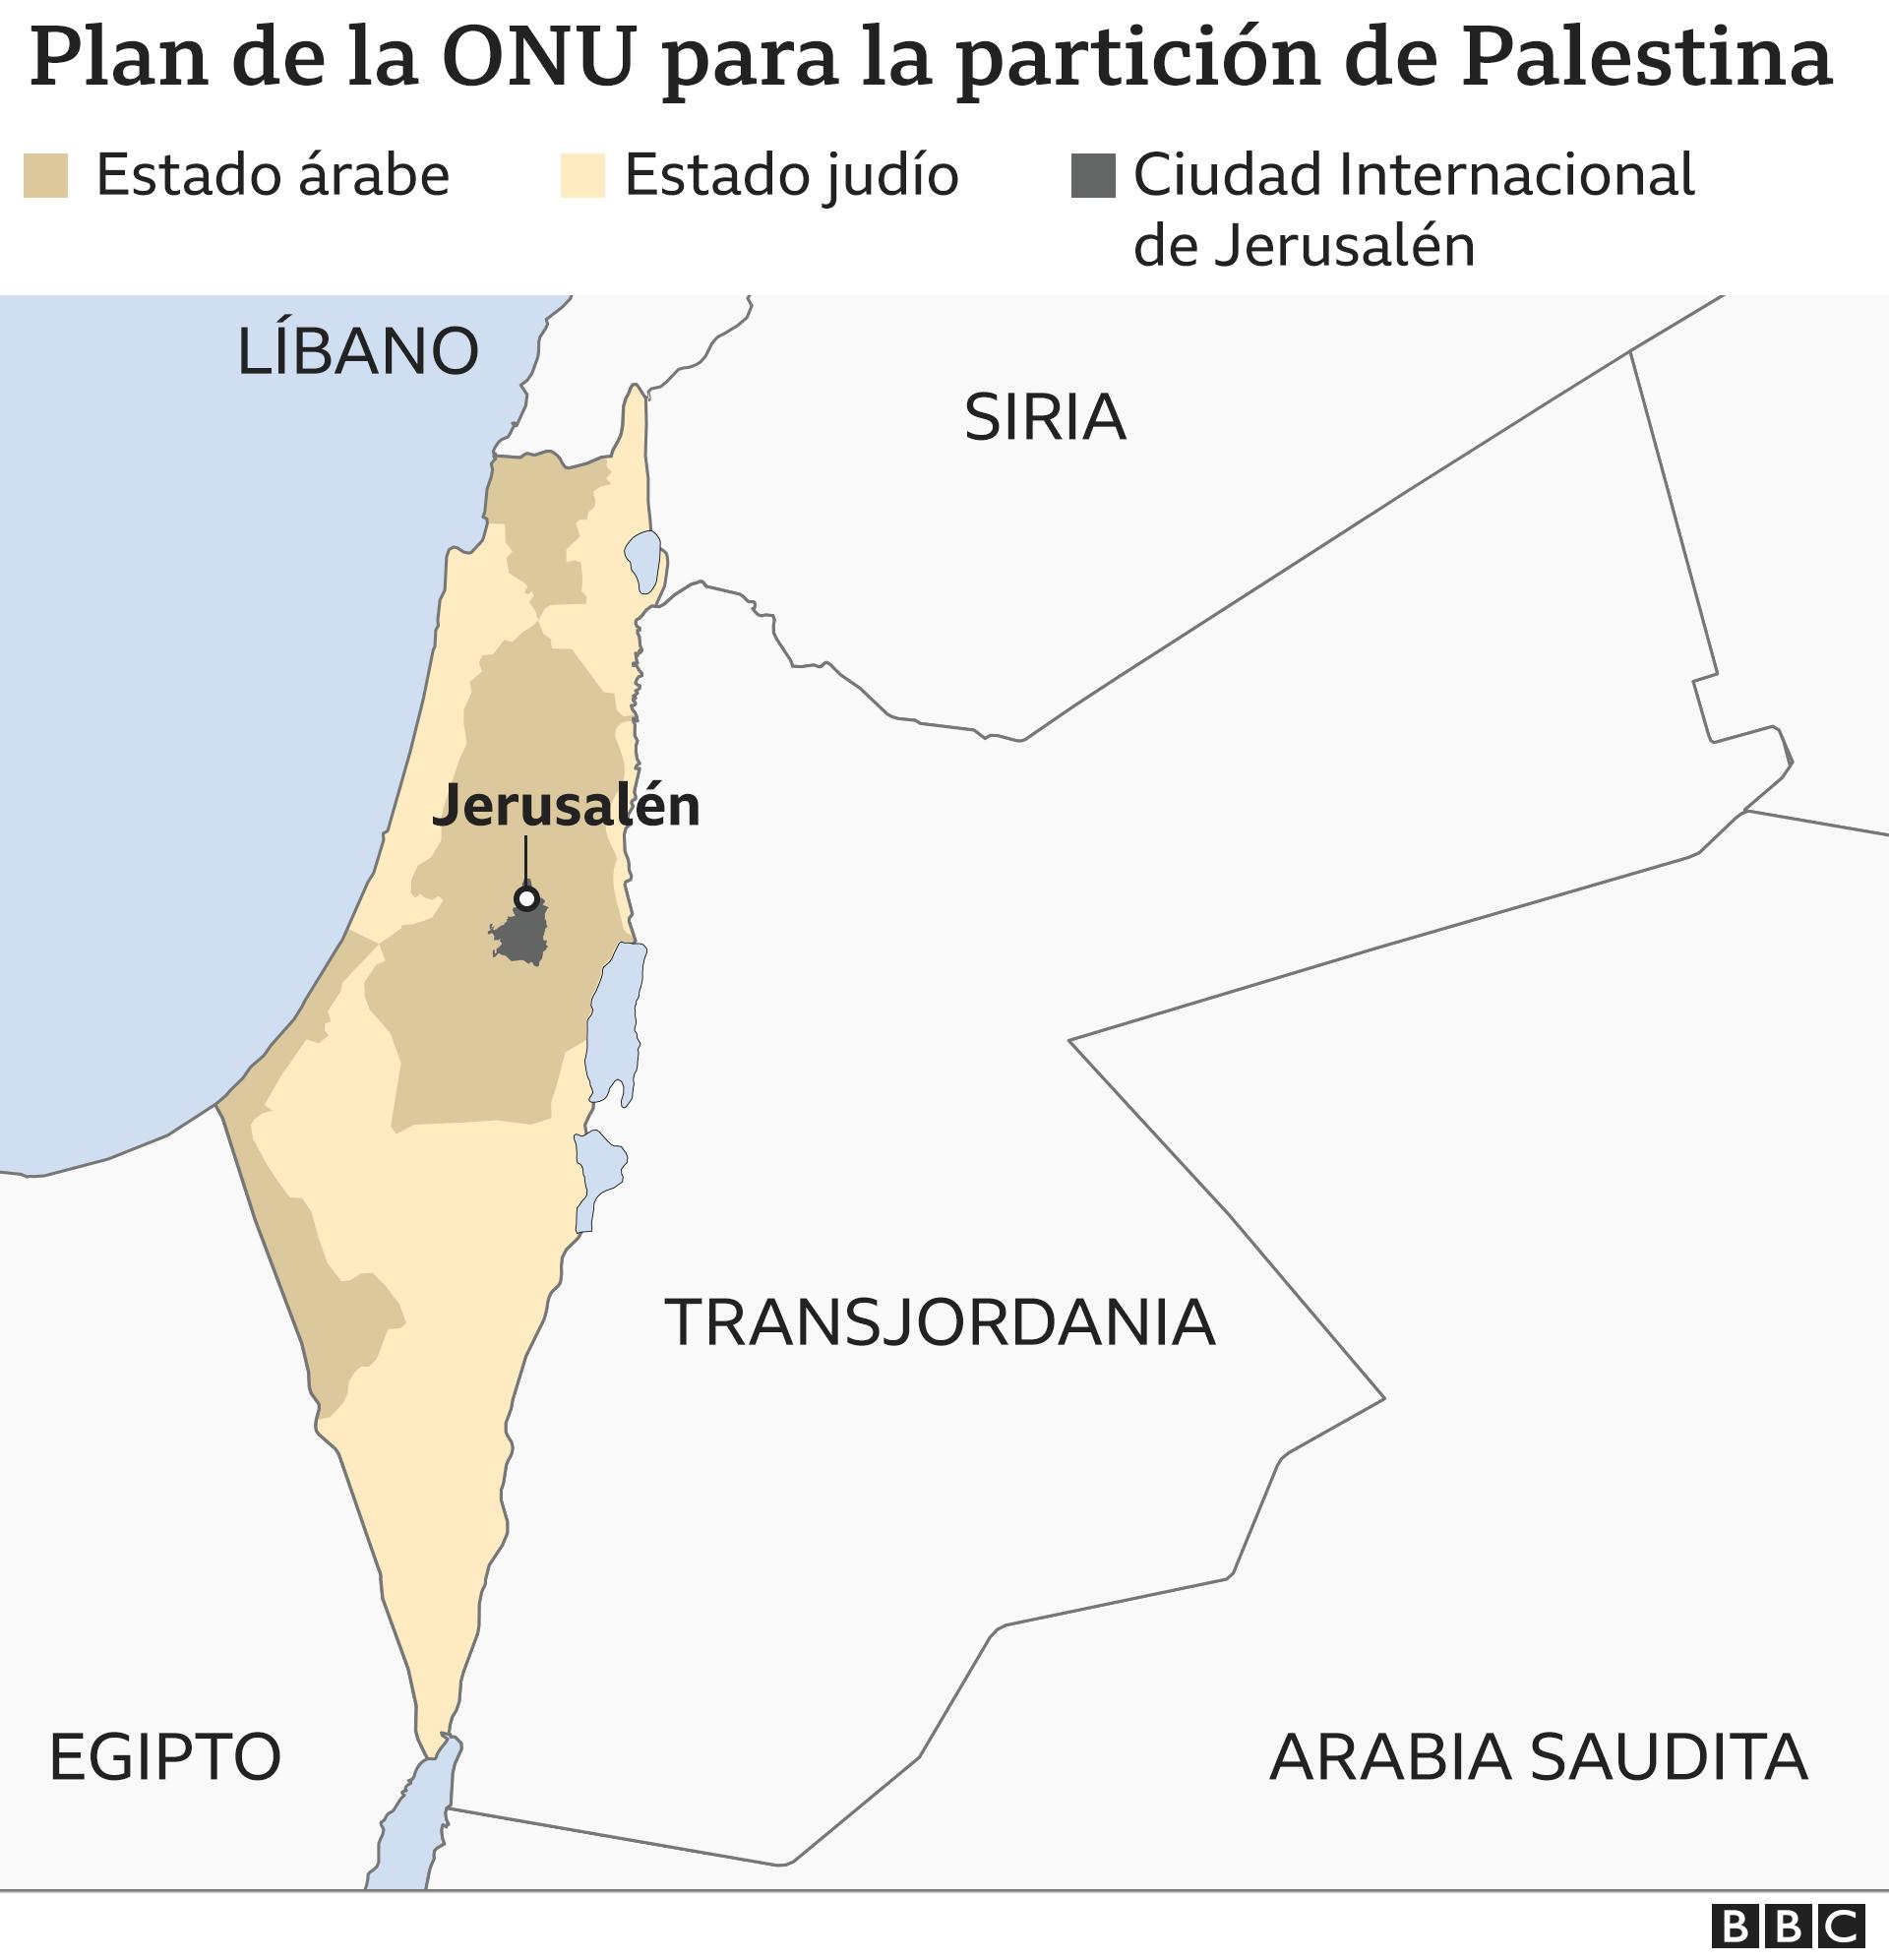 Mapa 2: Plan de la ONU para la partición de Palestina